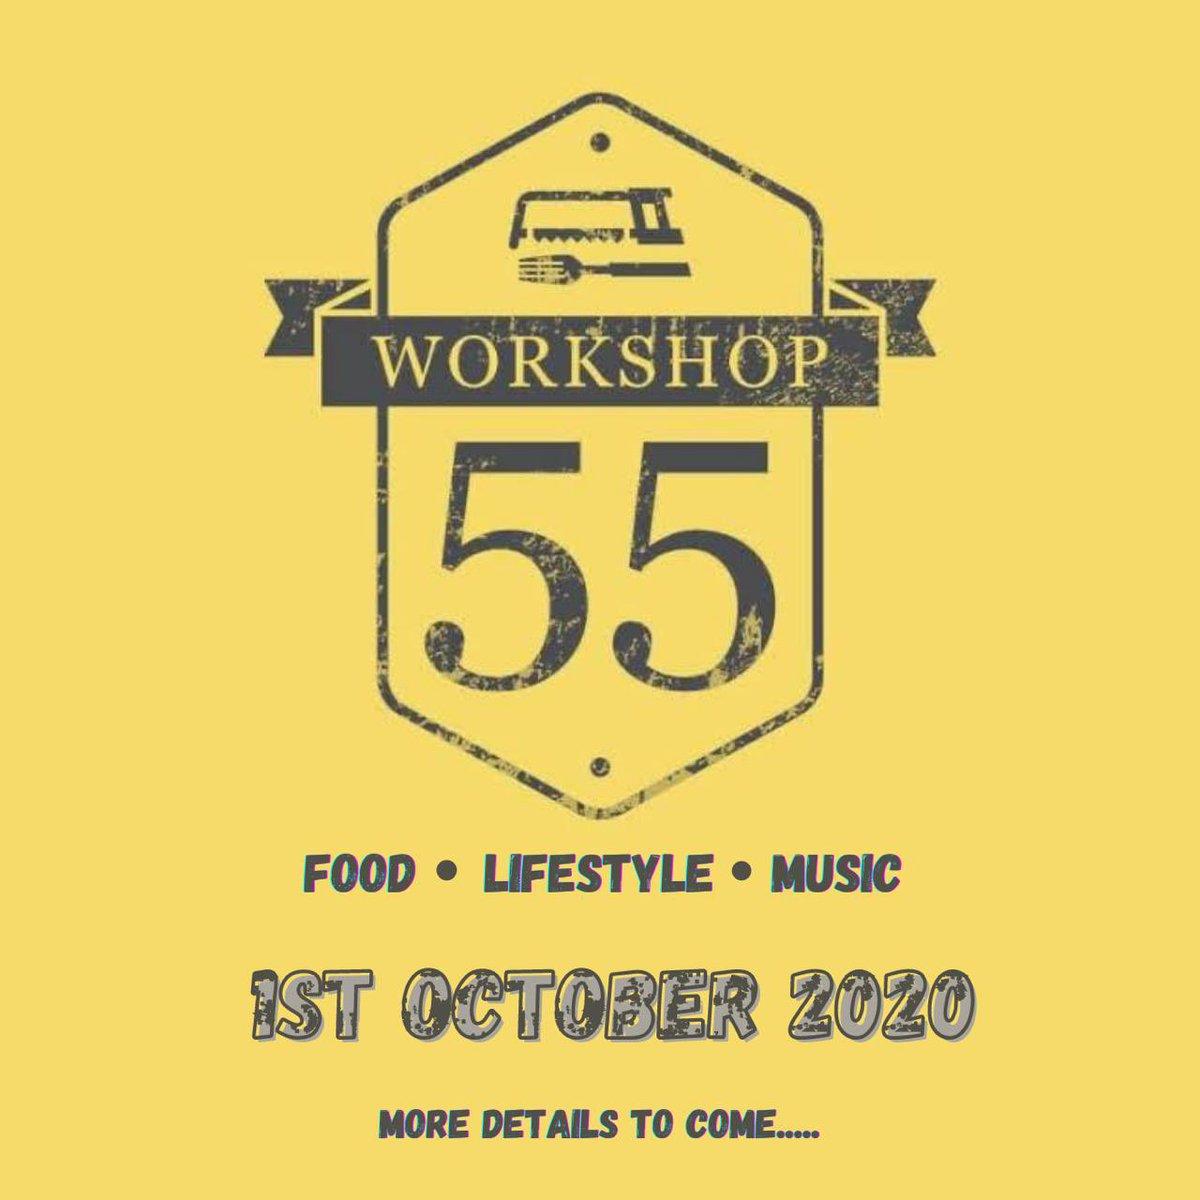 Let's eat, let's sing, let's live! #WorkShop55